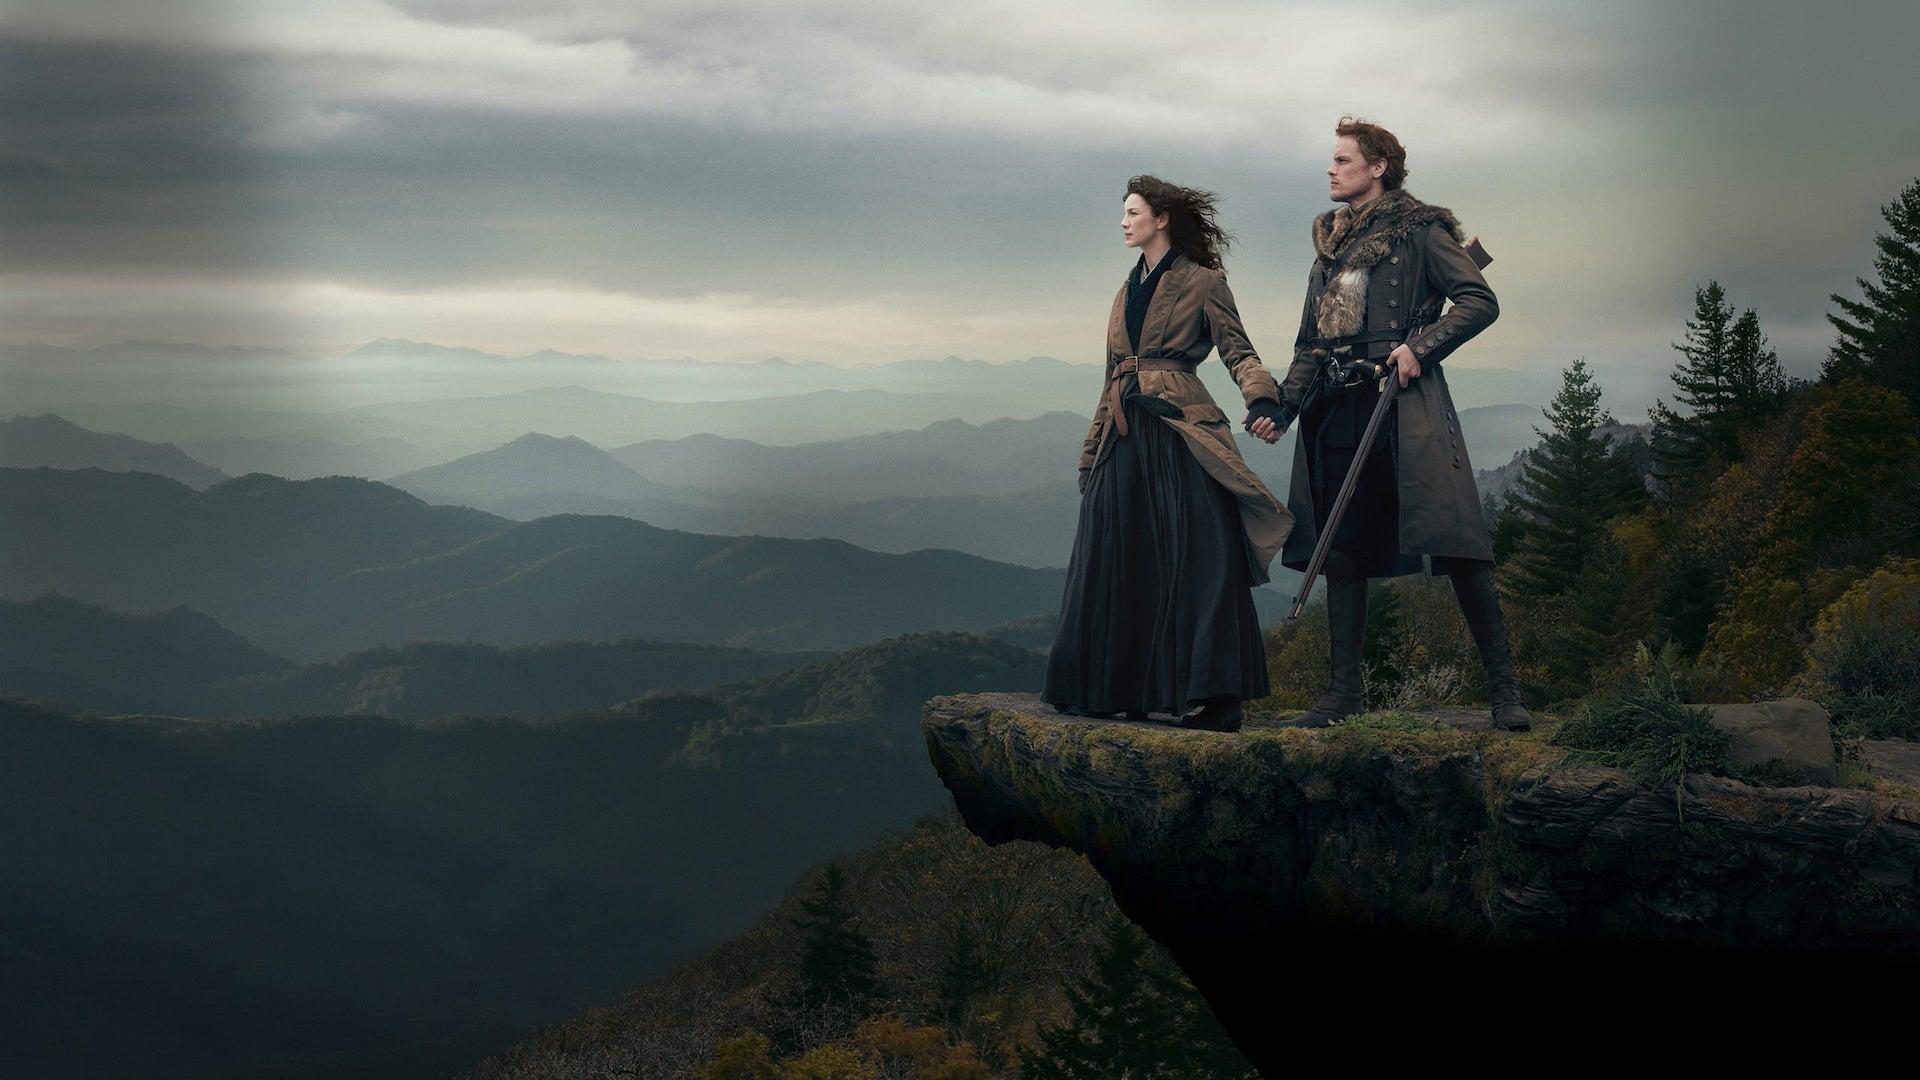 Ver Outlander Online En Qué Cadenas O Plataformas Se Puede